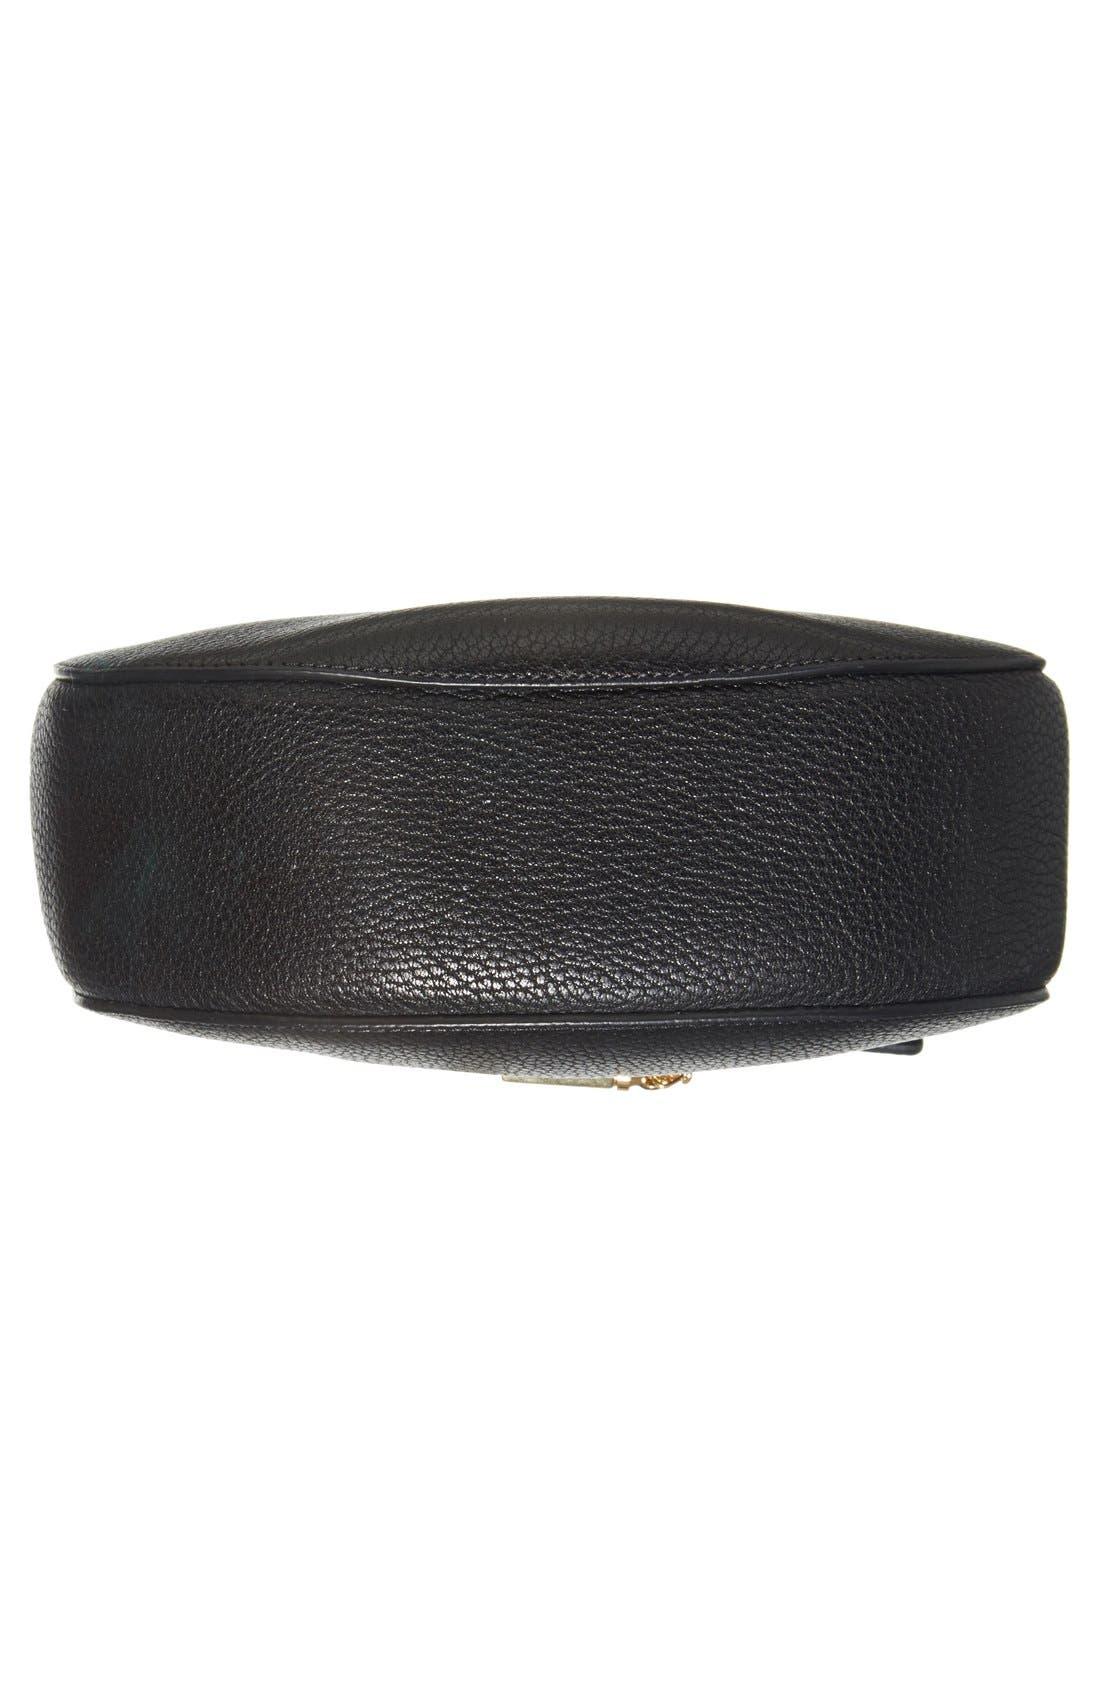 Drew Leather Shoulder Bag,                             Alternate thumbnail 5, color,                             BLACK GOLD HRDWRE